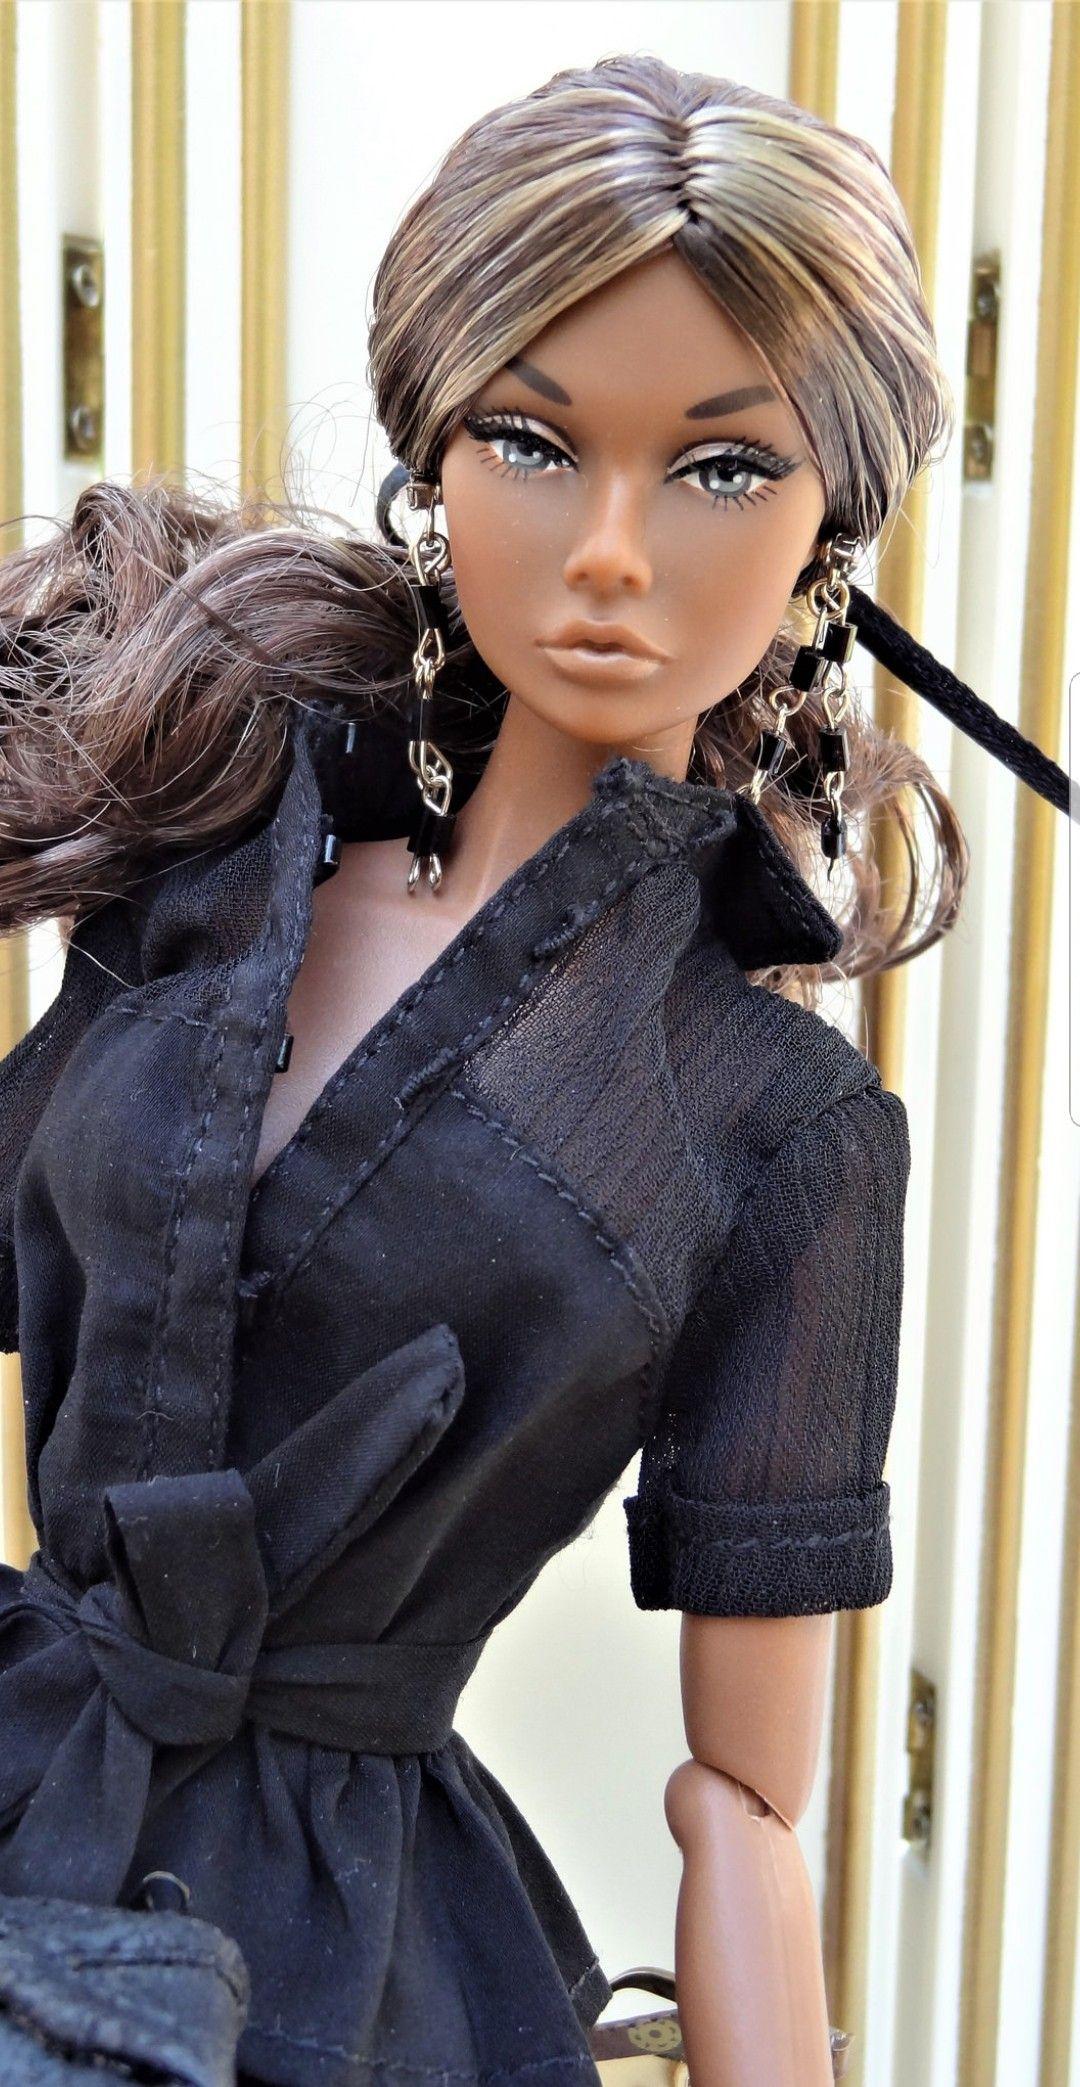 Fierce Barbie World b52313a8d8020